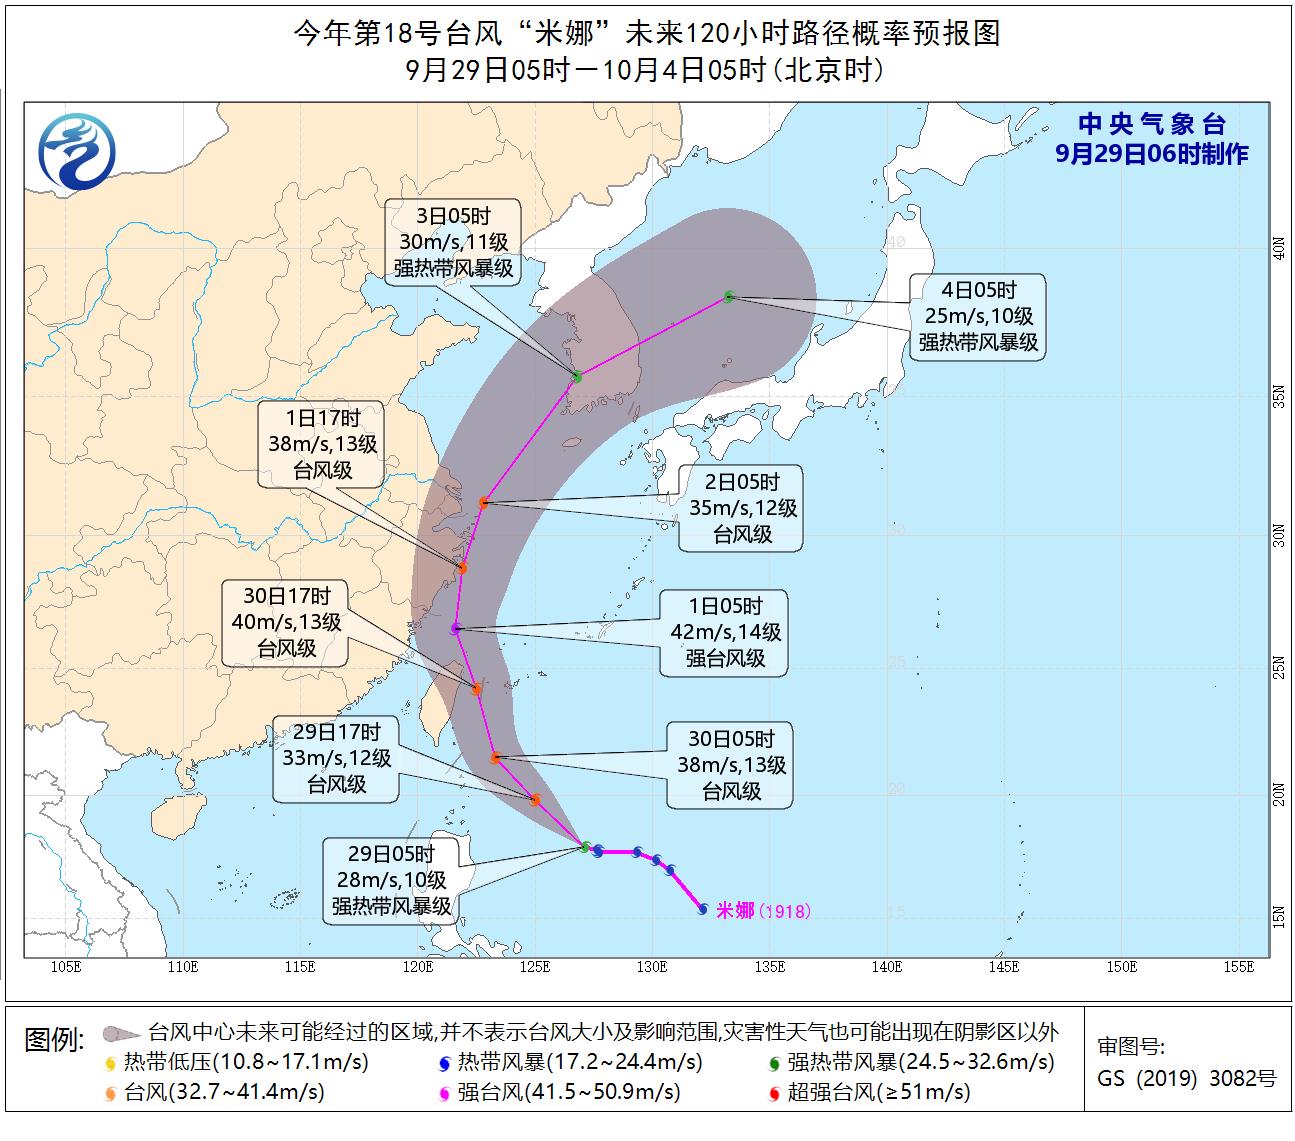 """新疆北部青藏高原将有雨雪天气 台风""""米娜""""将影响东部海区和华东沿海"""